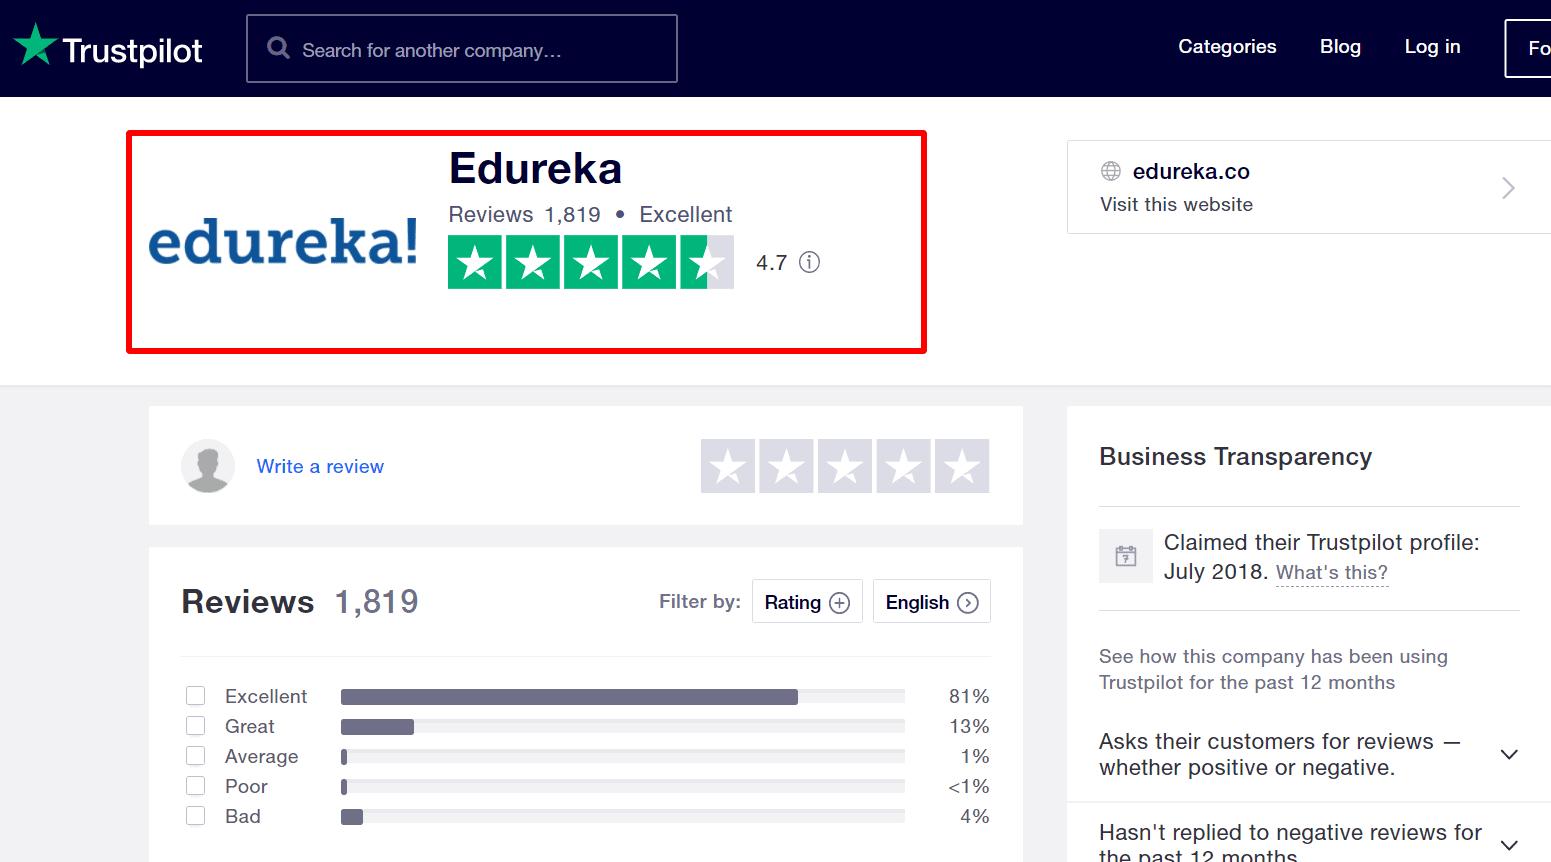 Edureka Trustpilot Reviews